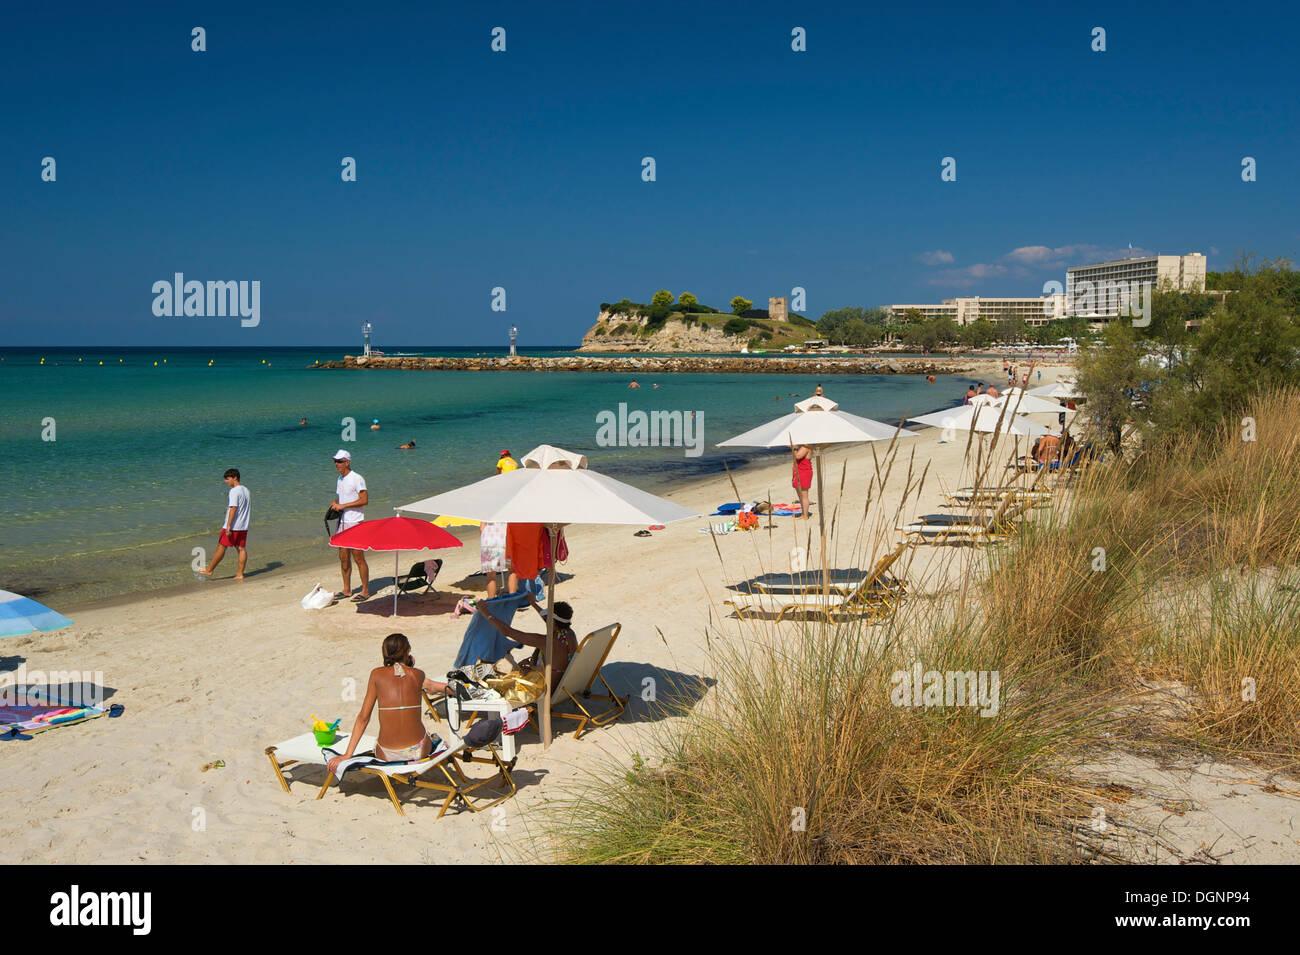 Touristen mit Sonnenschirmen am Strand Sani, Kassandra, Chalkidiki und Chalkidiki, Griechenland, Europa Stockbild